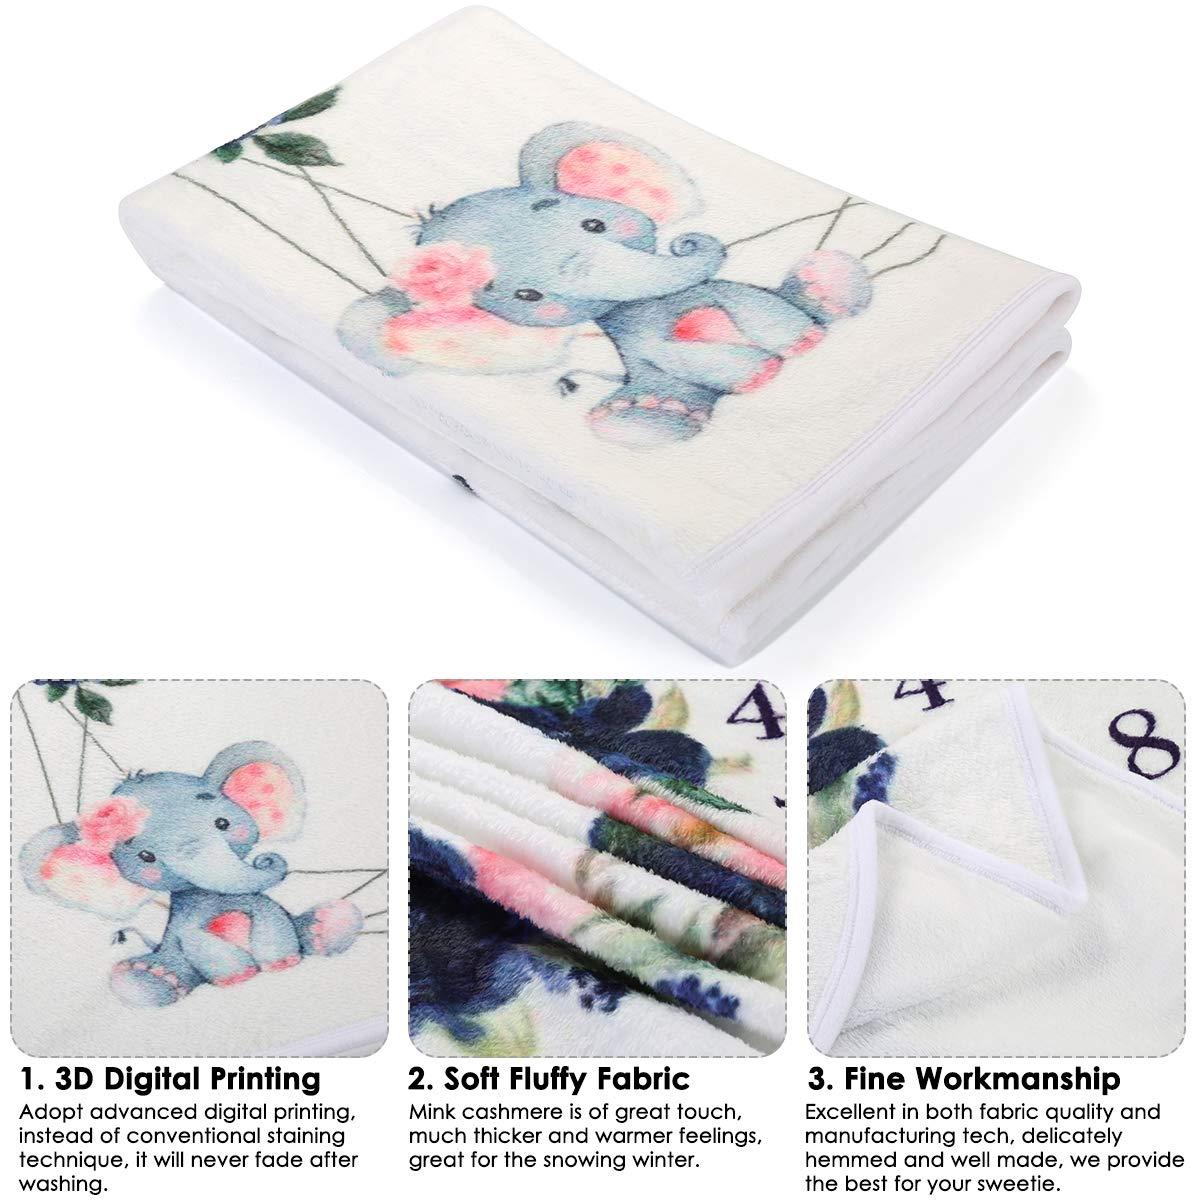 couverture infantile mensuelle de b/éb/é infantile couverture souple de toile de fond de photographie dimpression florale denfant en bas /âge pour les gar/çons jumeaux 150cm x 90cm 59inx35.4in